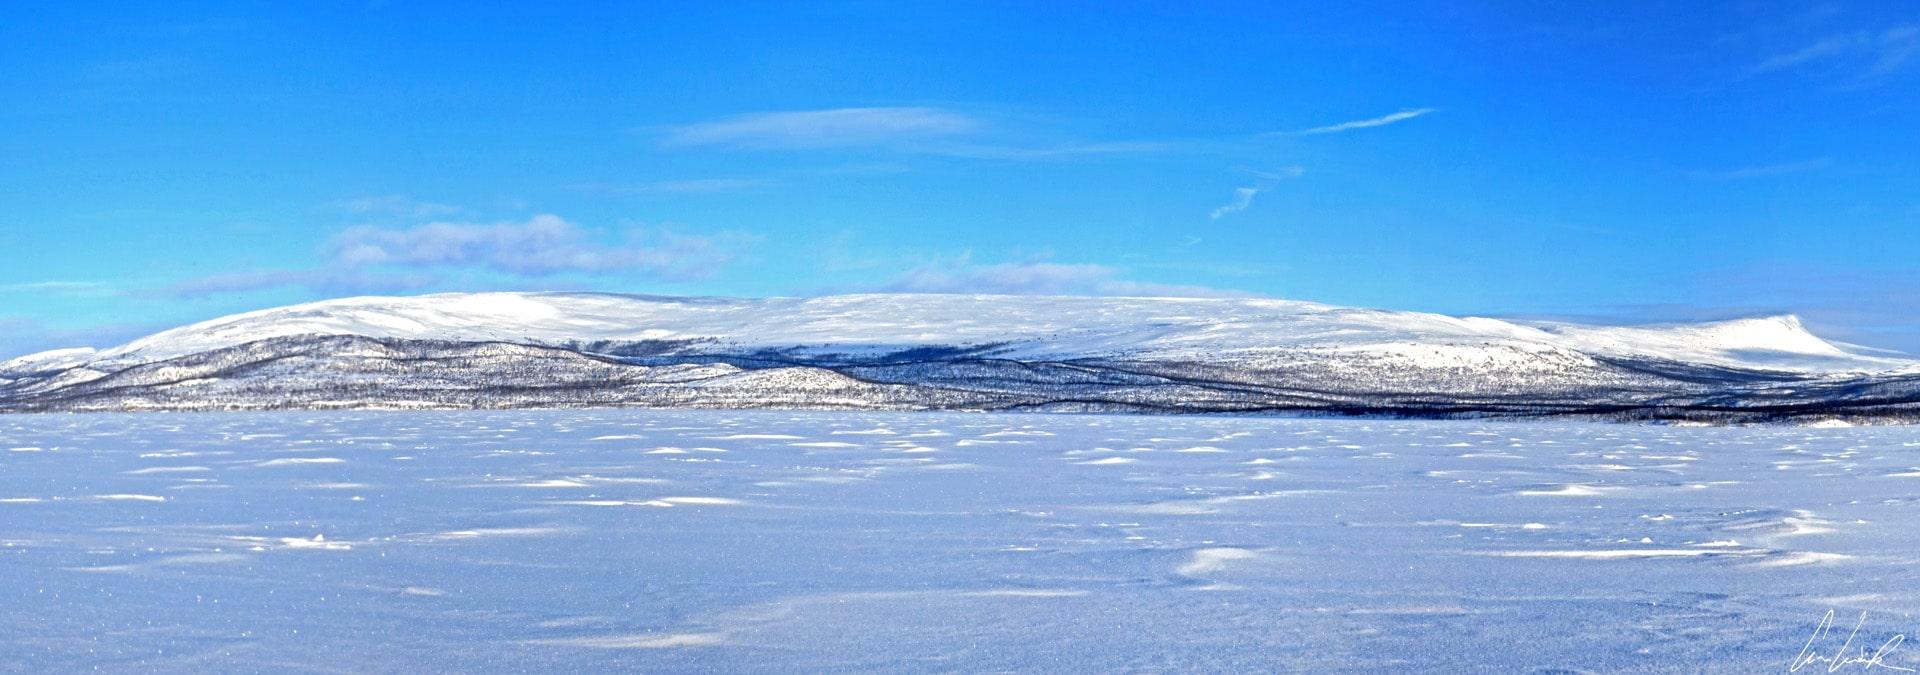 La magnifique vue panoramique d'un immense lac gelé en Laponie. Le cadre naturel est désertique et d'une blancheur immaculée aussi loin que porte votre regard.